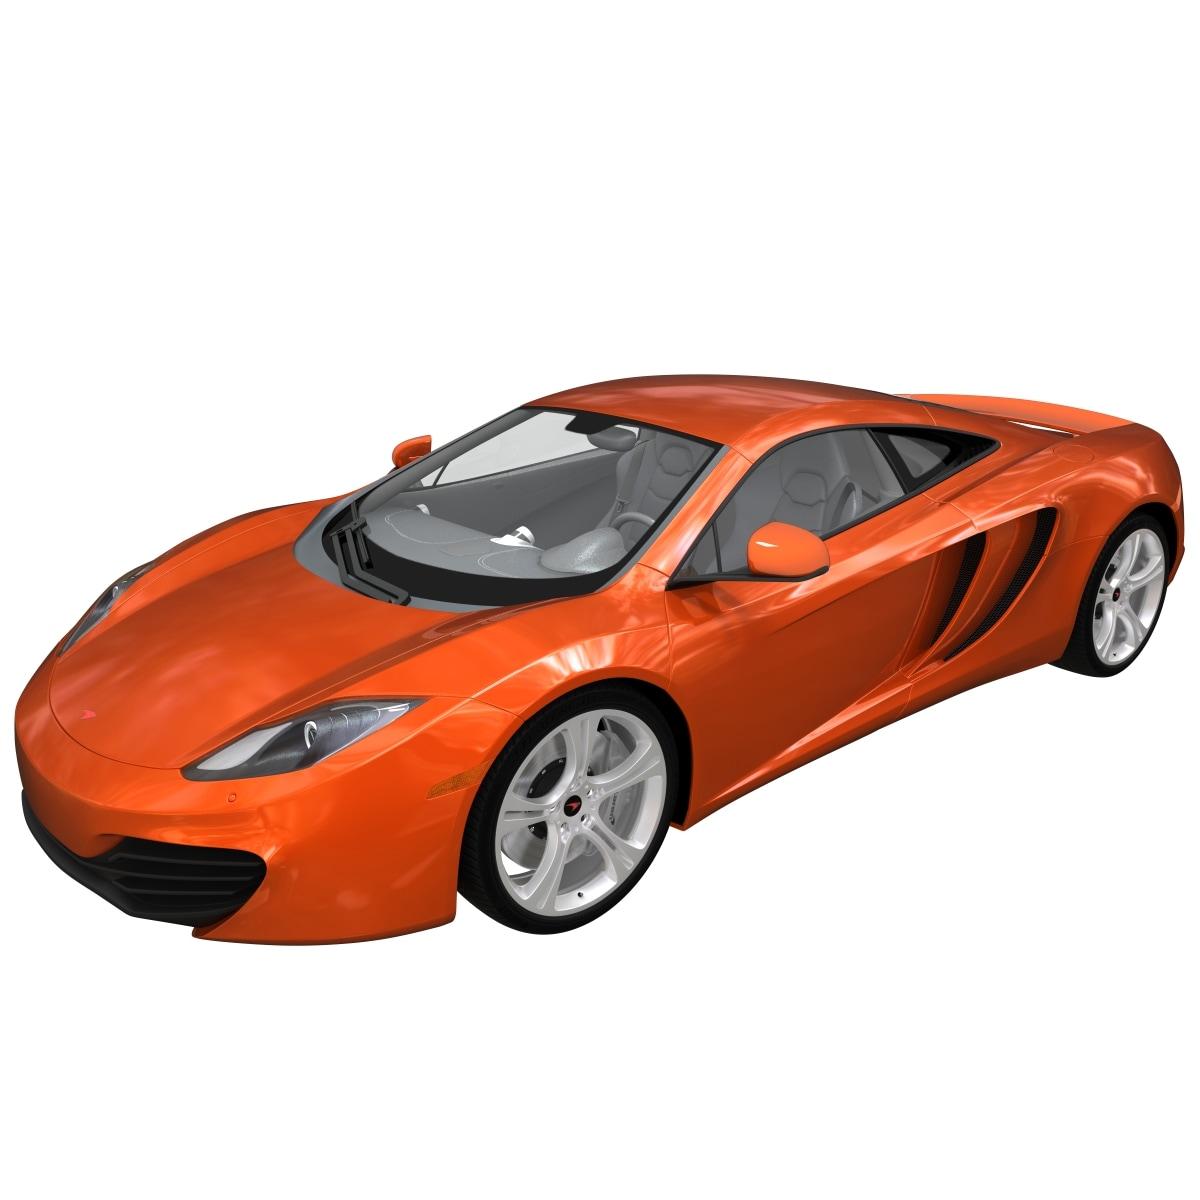 McLaren_MP4_12C_V2_00.jpg